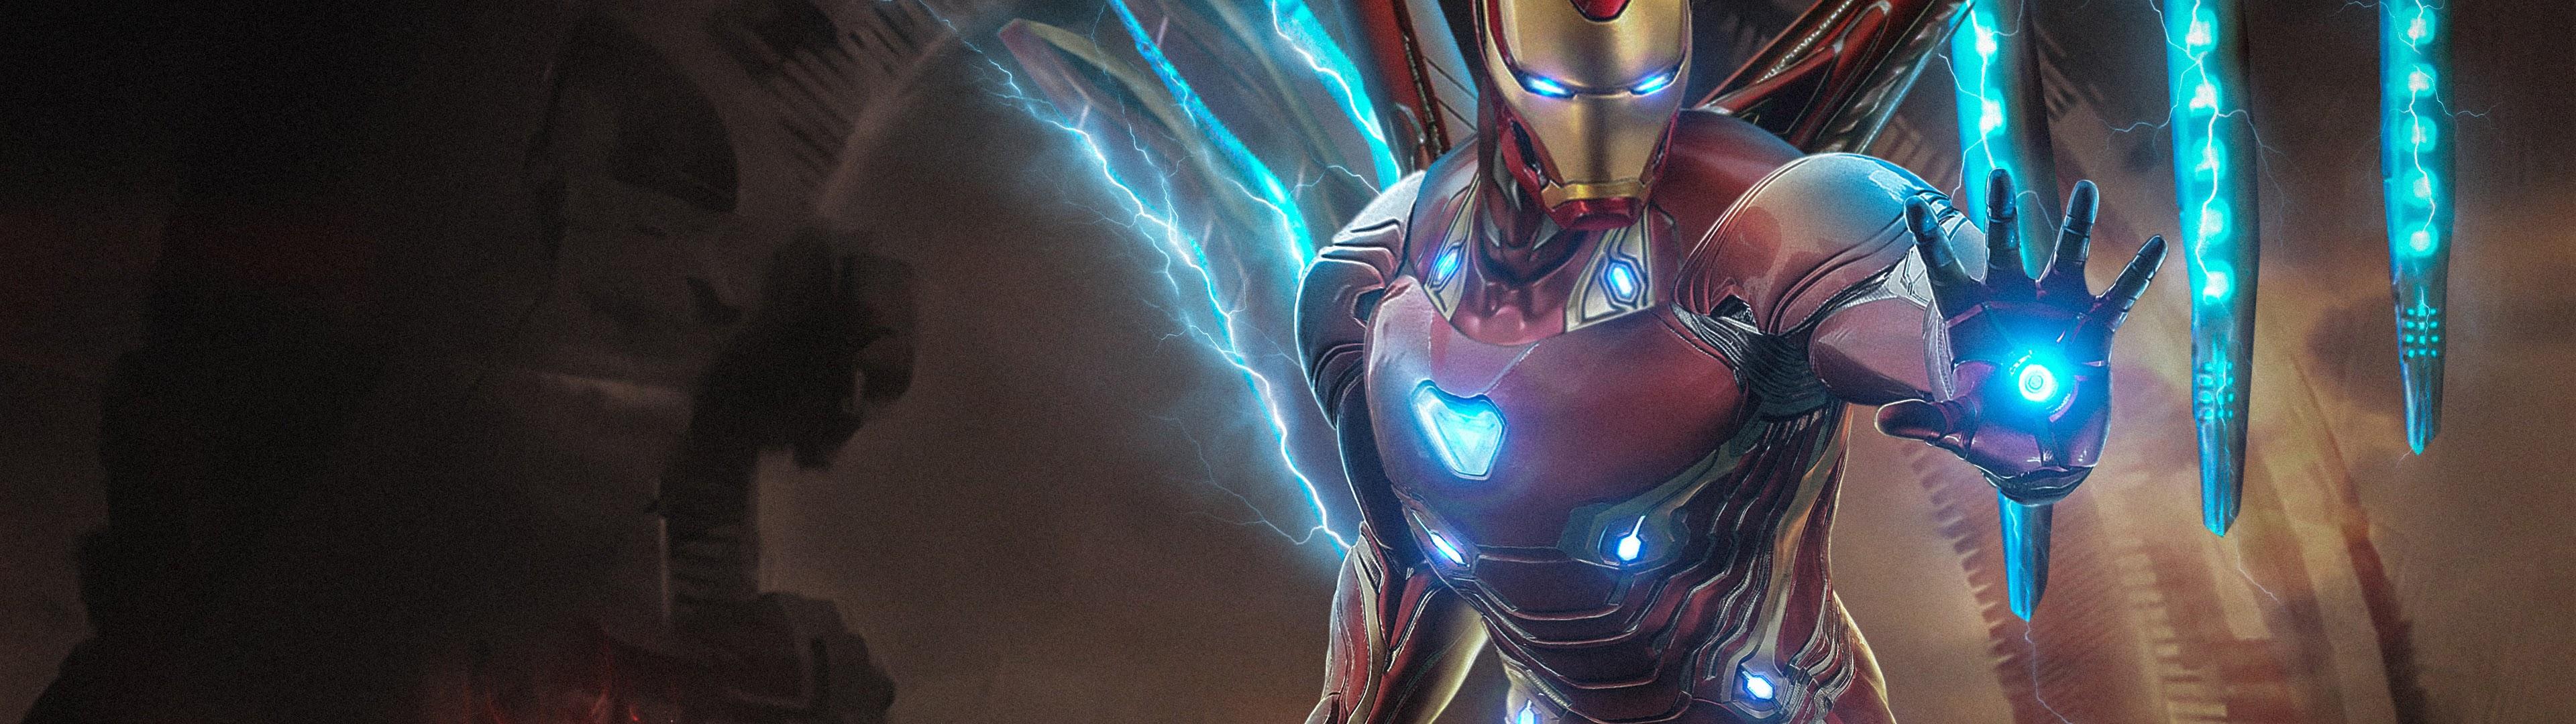 Avengers Endgame Iron Man 4k Wallpaper 74